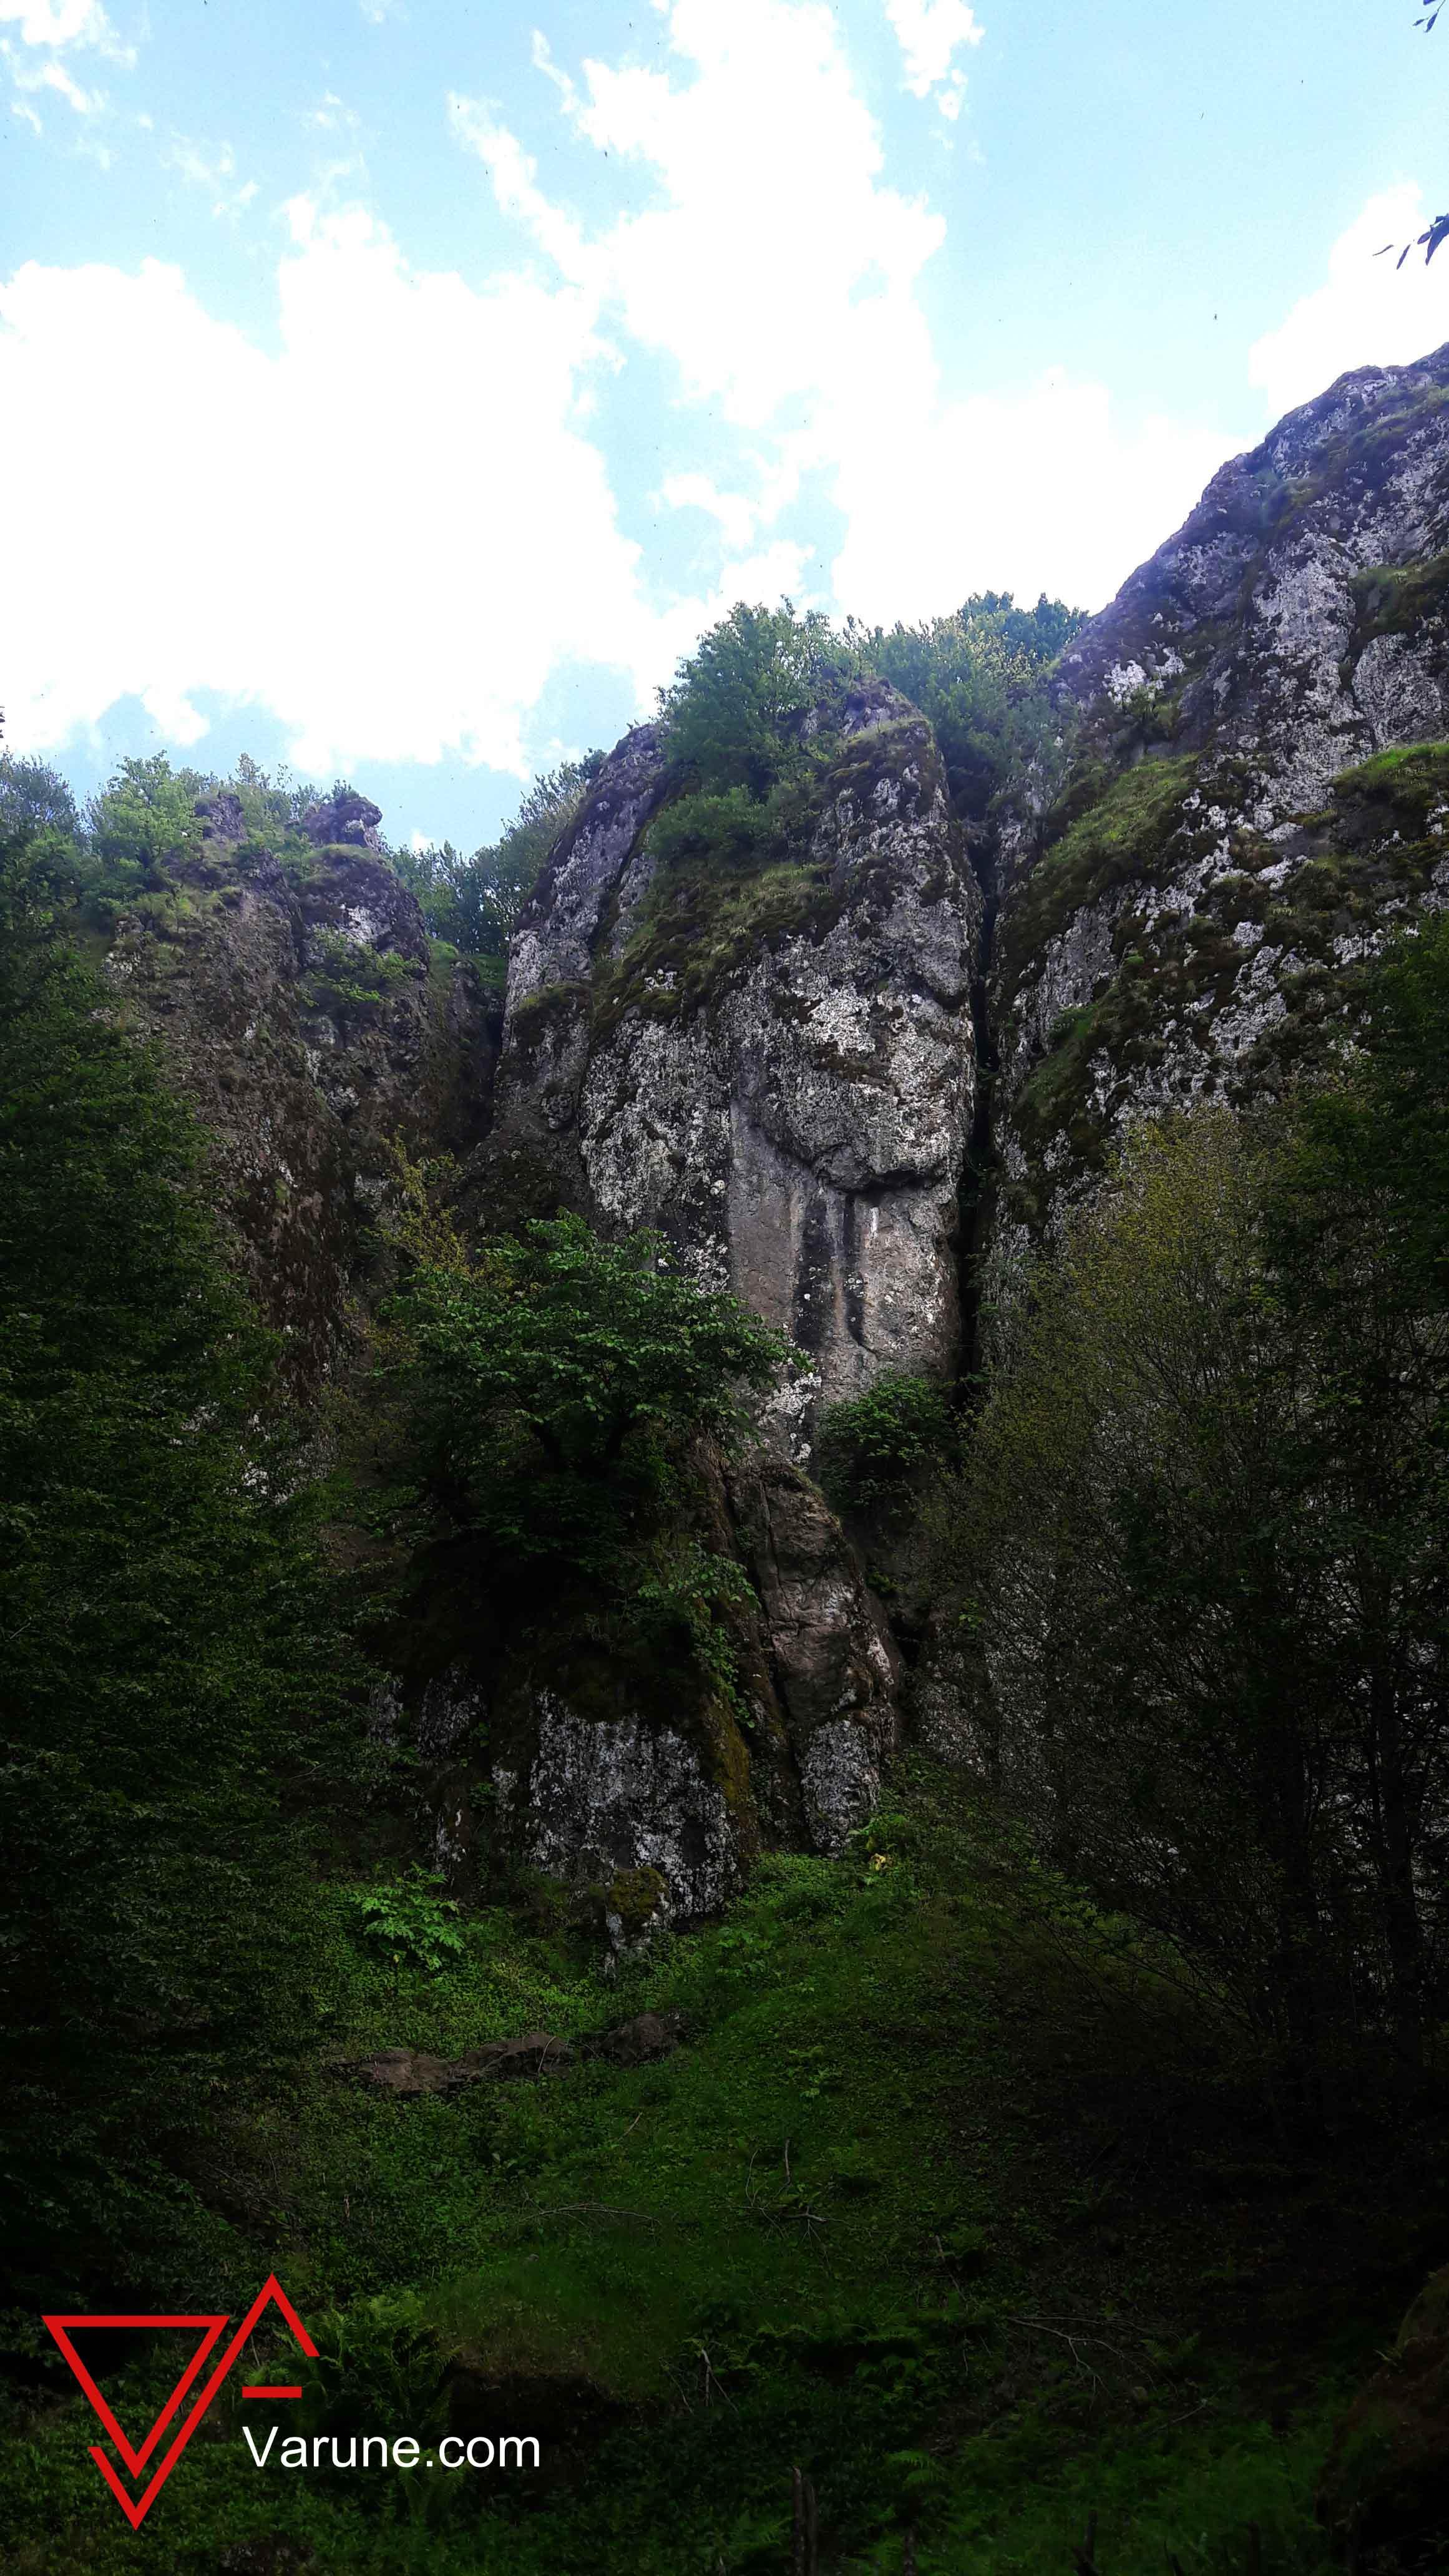 گزارش برنامه پیمایش دریاچه سوها تا آبشار لاتون (اردبیل)